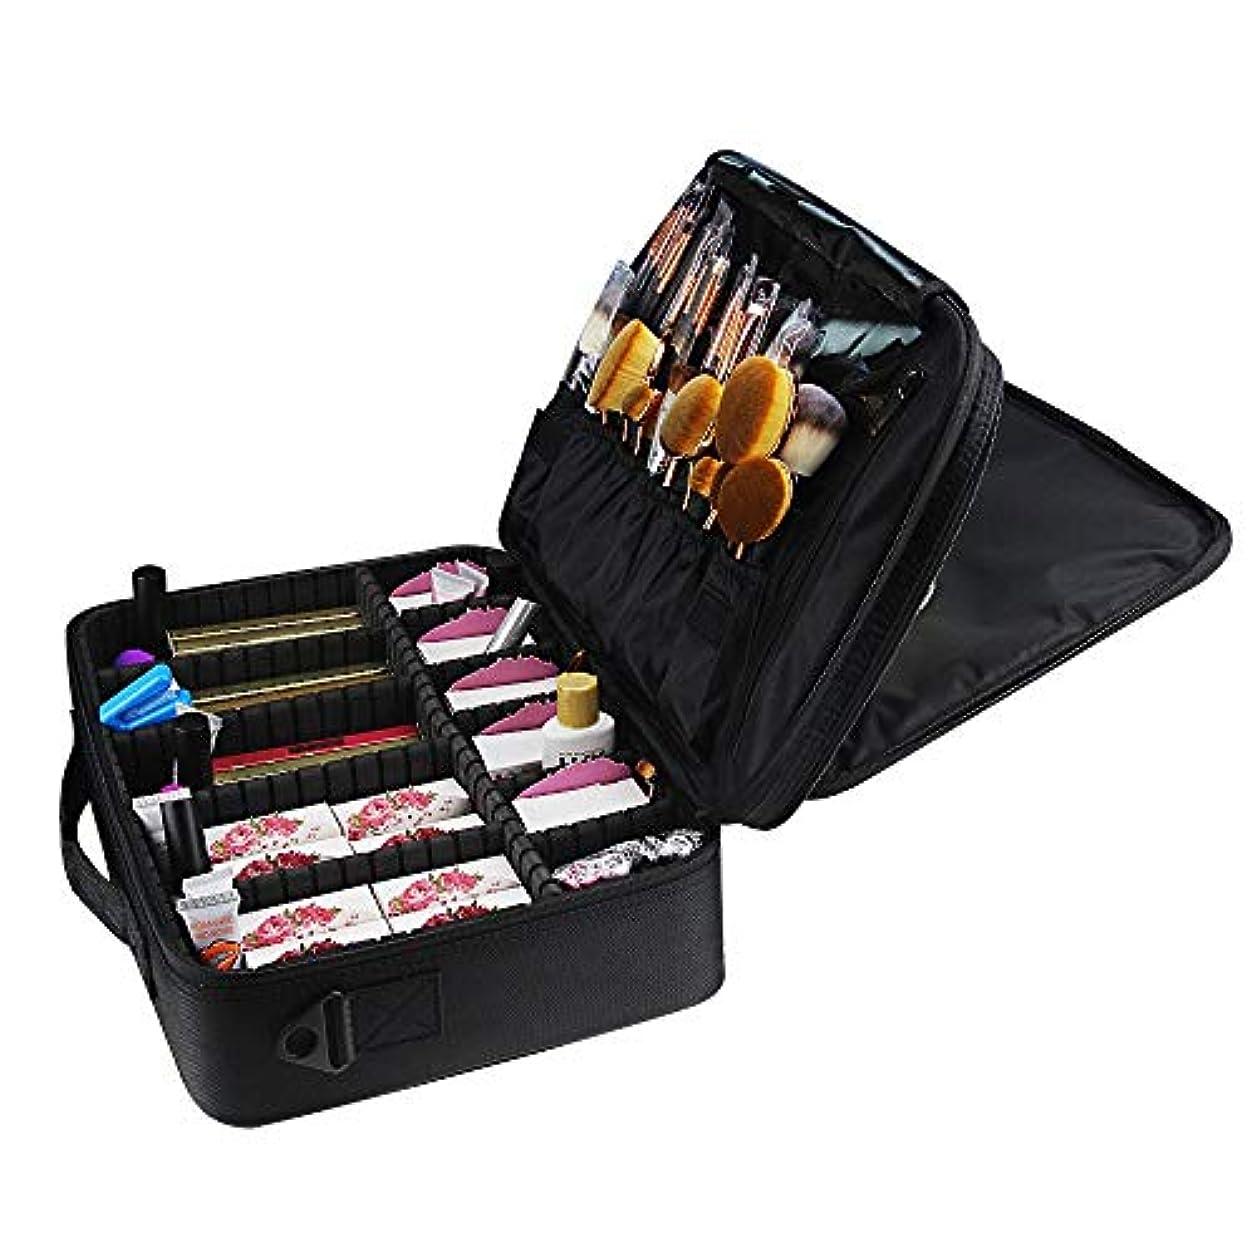 エンディングバーチャルそのような特大スペース収納ビューティーボックス 女の子および女性のための調節可能な肩ひものディバイダーの収納箱が付いている旅行化粧品袋の革収納袋 化粧品化粧台 (色 : ブラック)